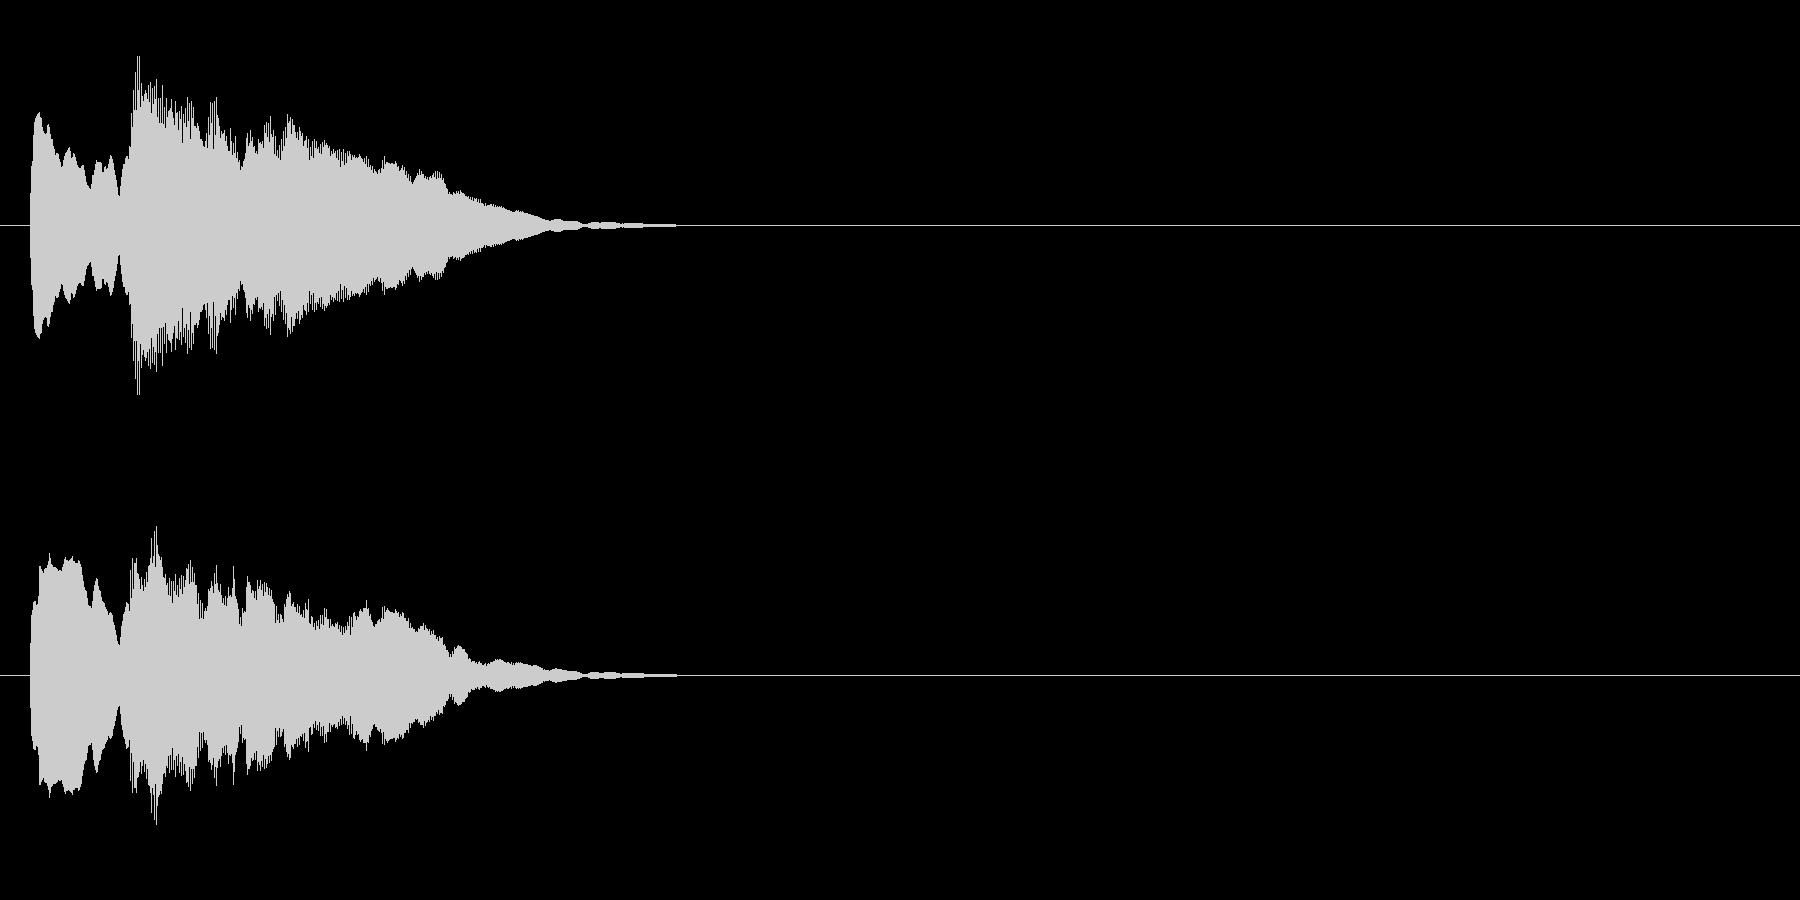 クイズ系04 正解 ピンポンの未再生の波形